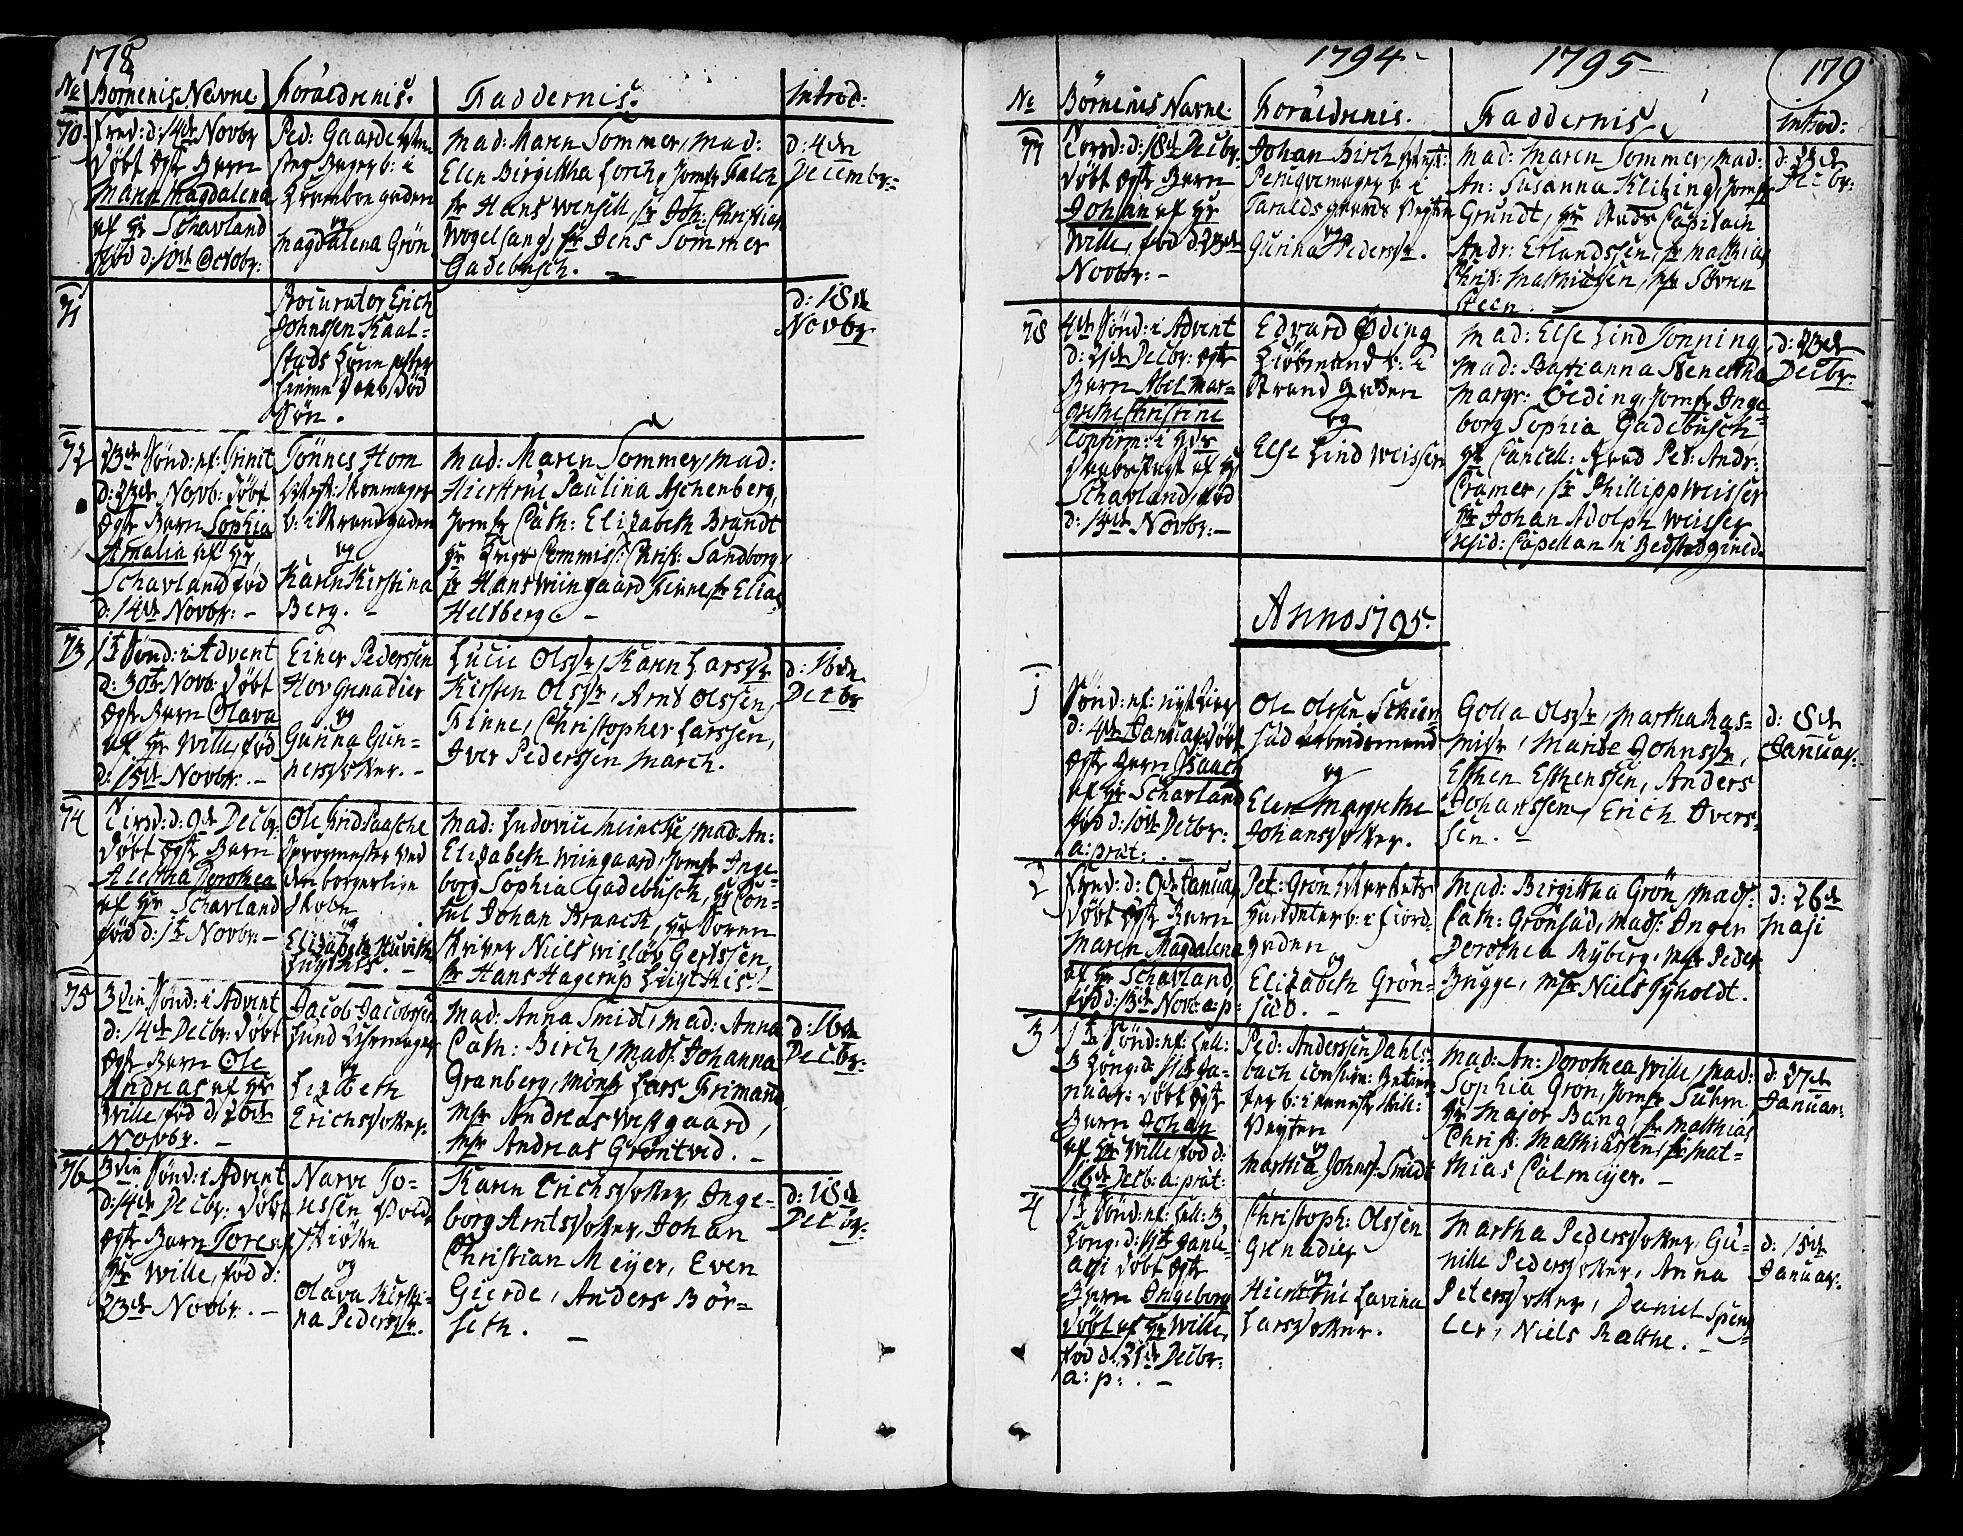 SAT, Ministerialprotokoller, klokkerbøker og fødselsregistre - Sør-Trøndelag, 602/L0104: Ministerialbok nr. 602A02, 1774-1814, s. 178-179